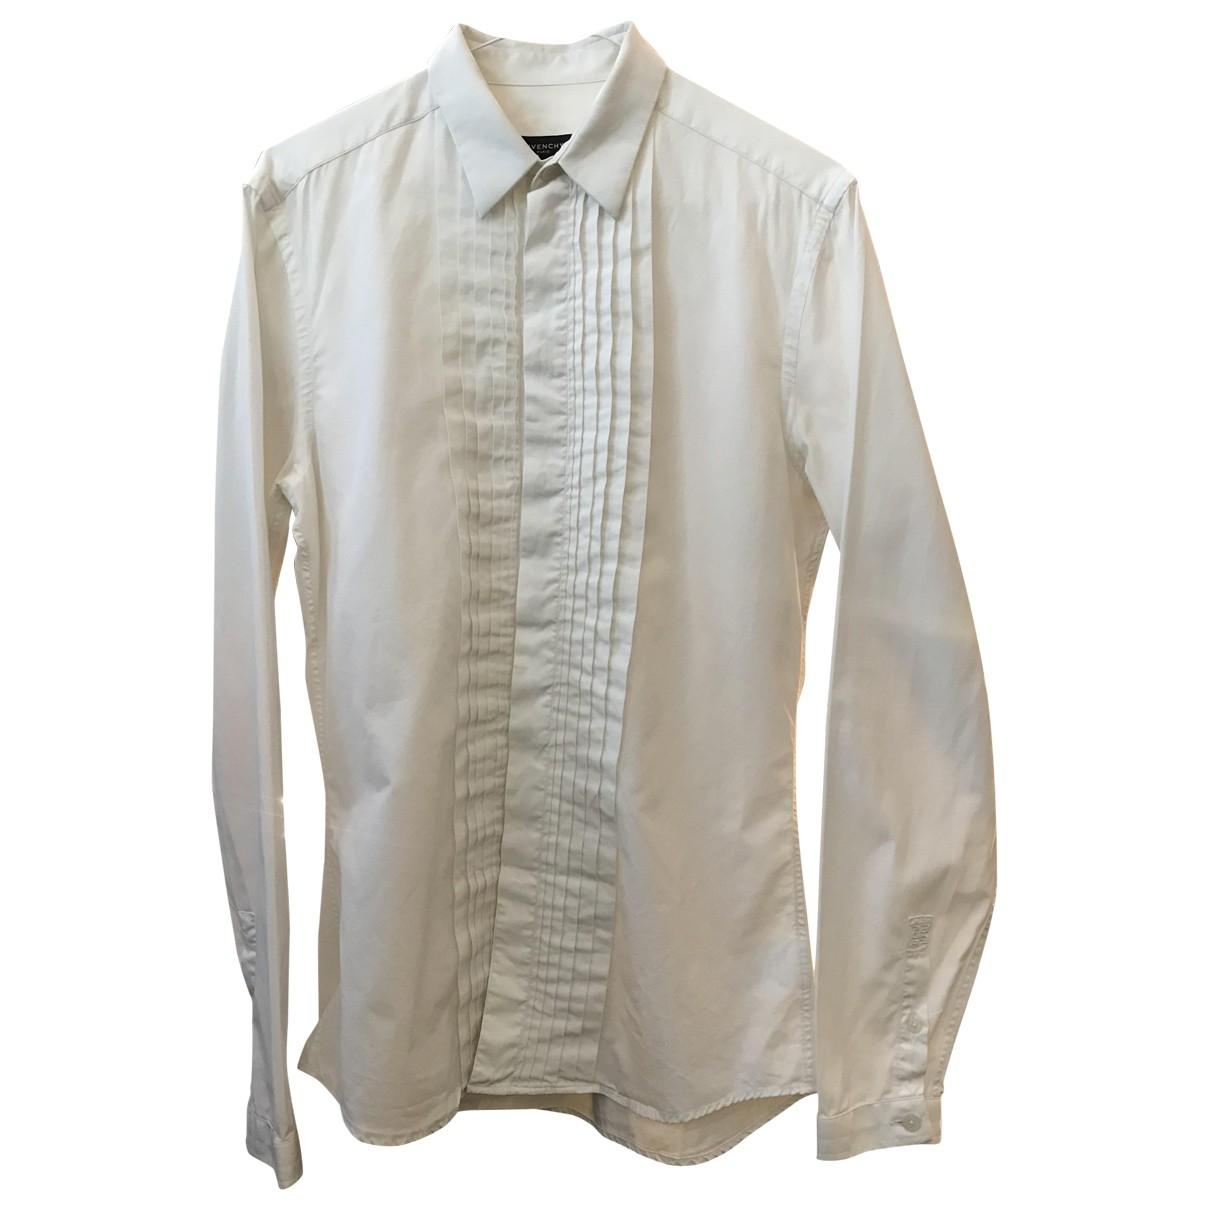 Givenchy \N White Cotton Shirts for Men 38 EU (tour de cou / collar)